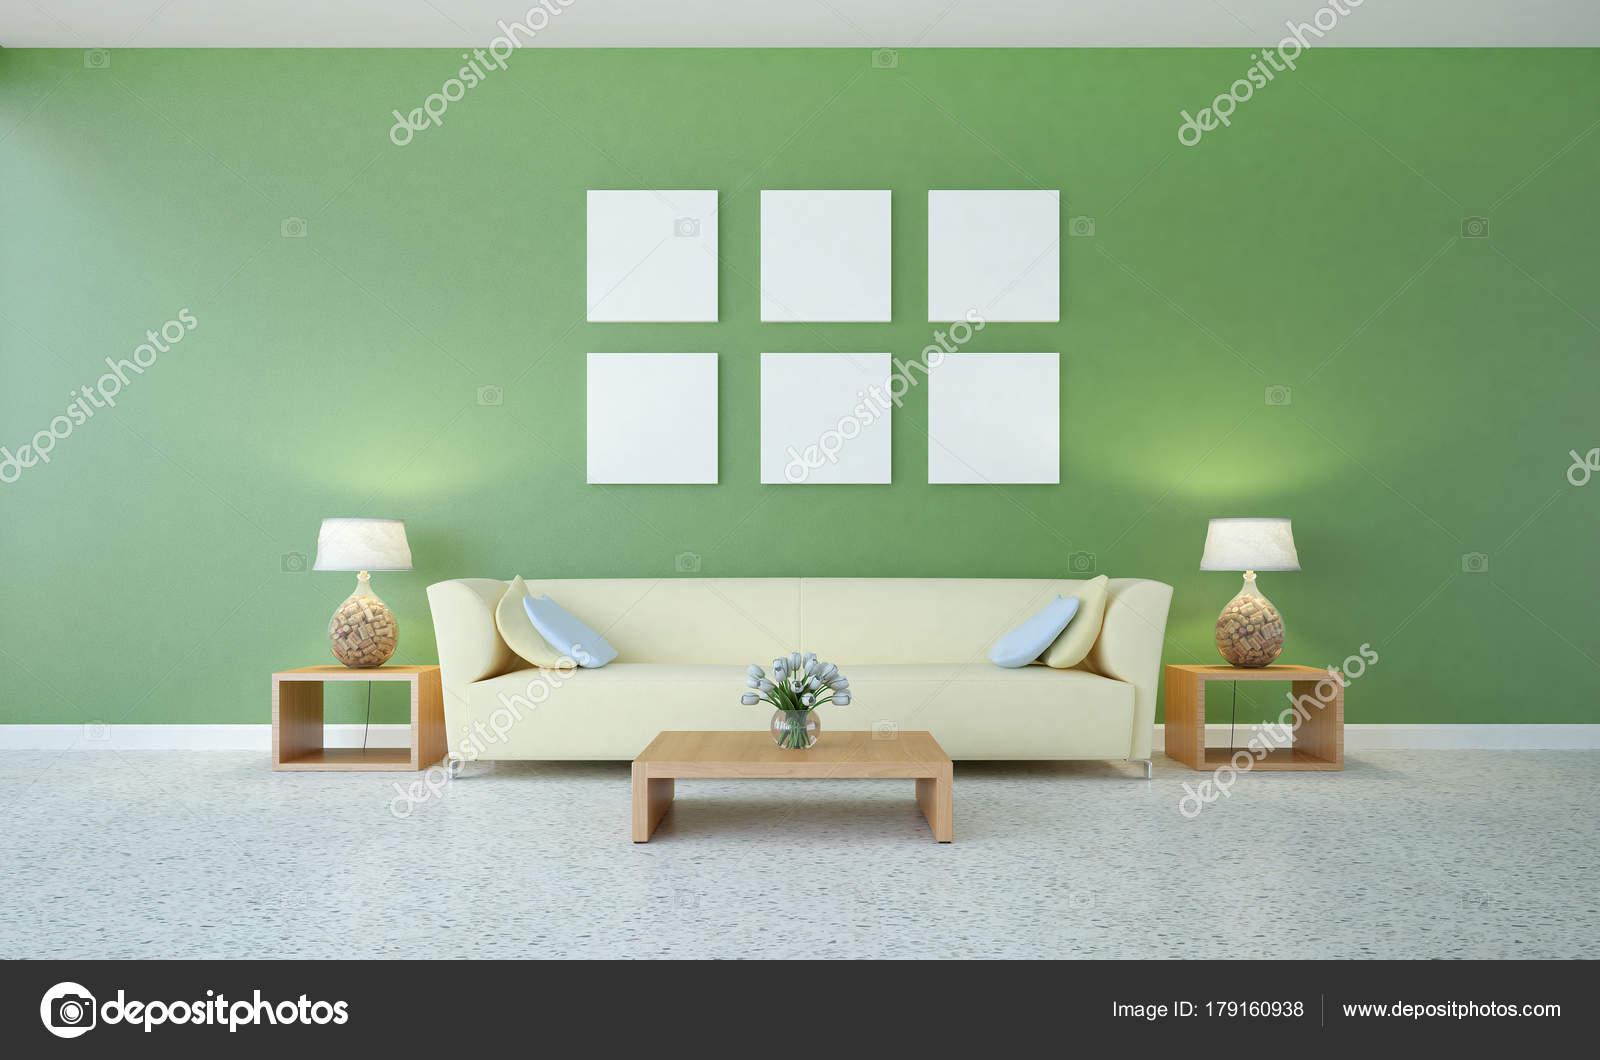 Das Wohnzimmer Interior Design Und Grune Wand Muster Hintergrund